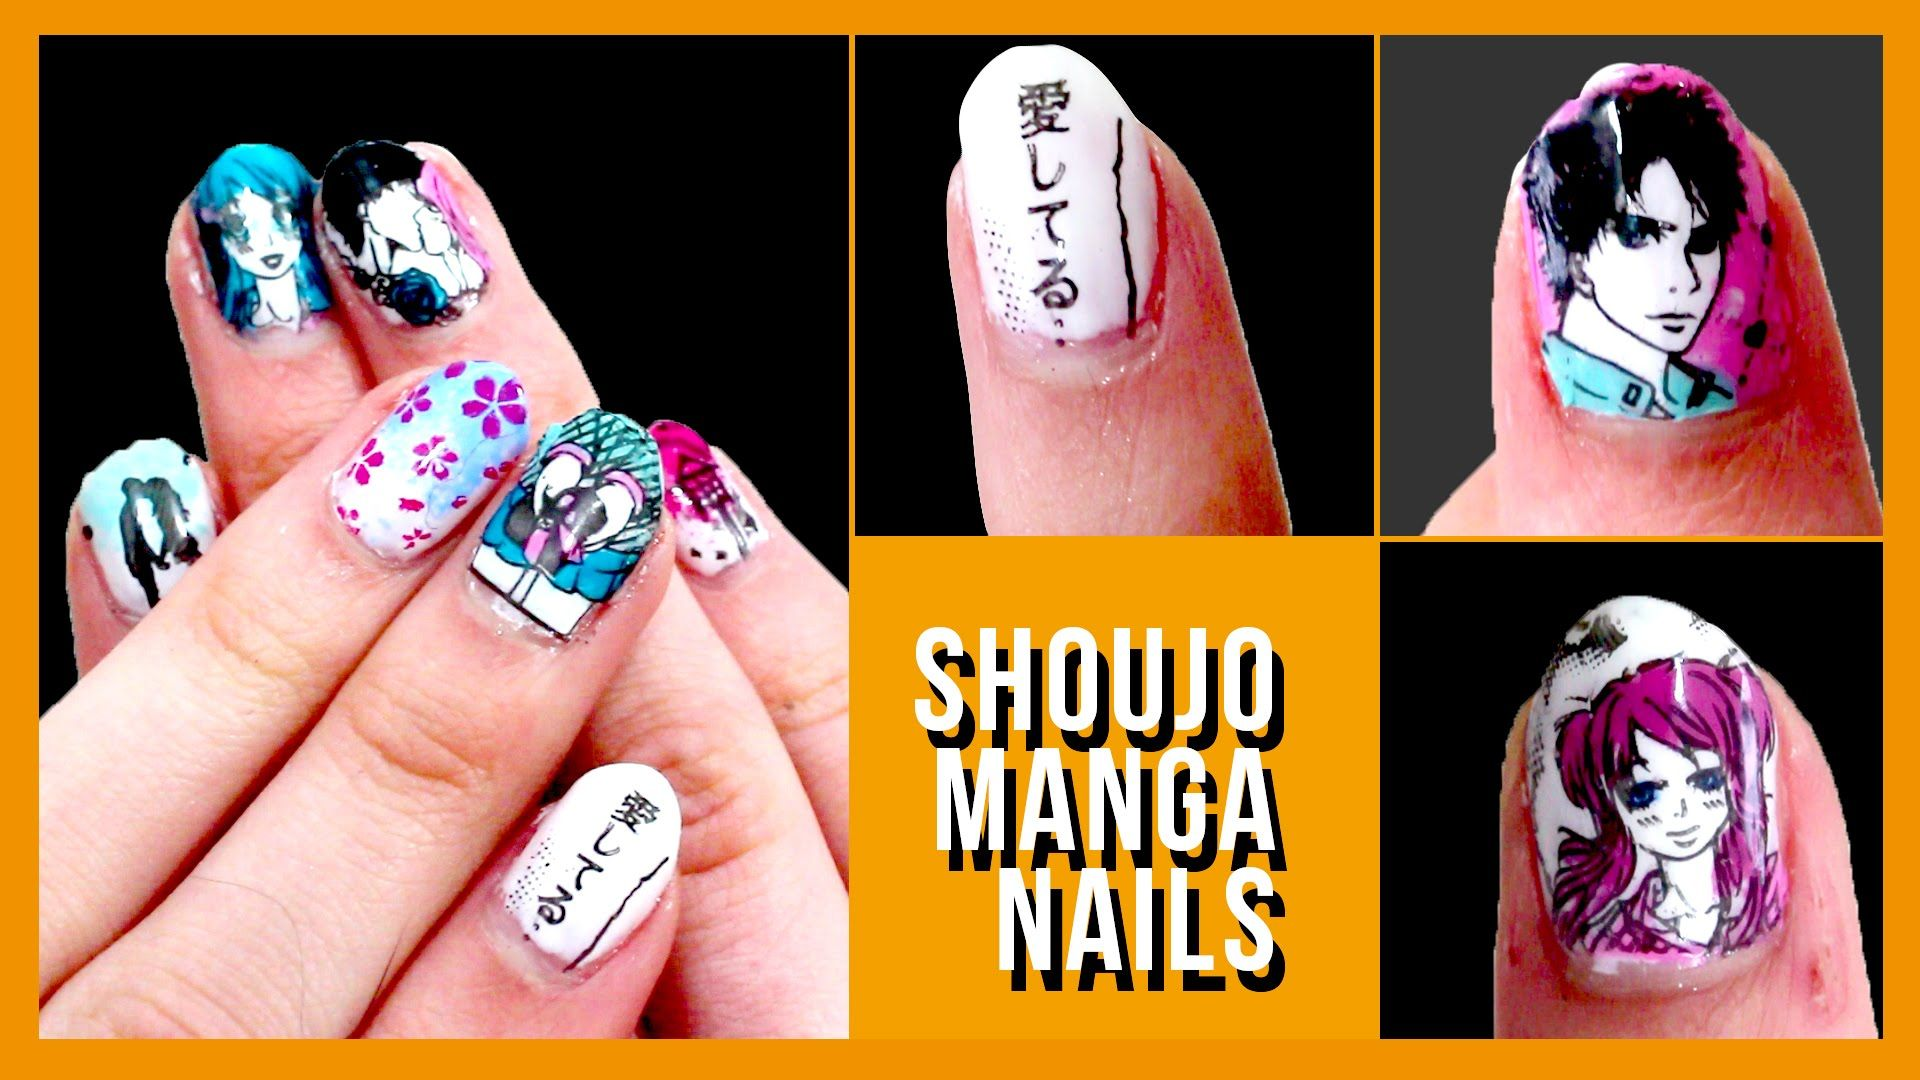 Shoujo Manga Nail Tutorial | Stamp Decal Method